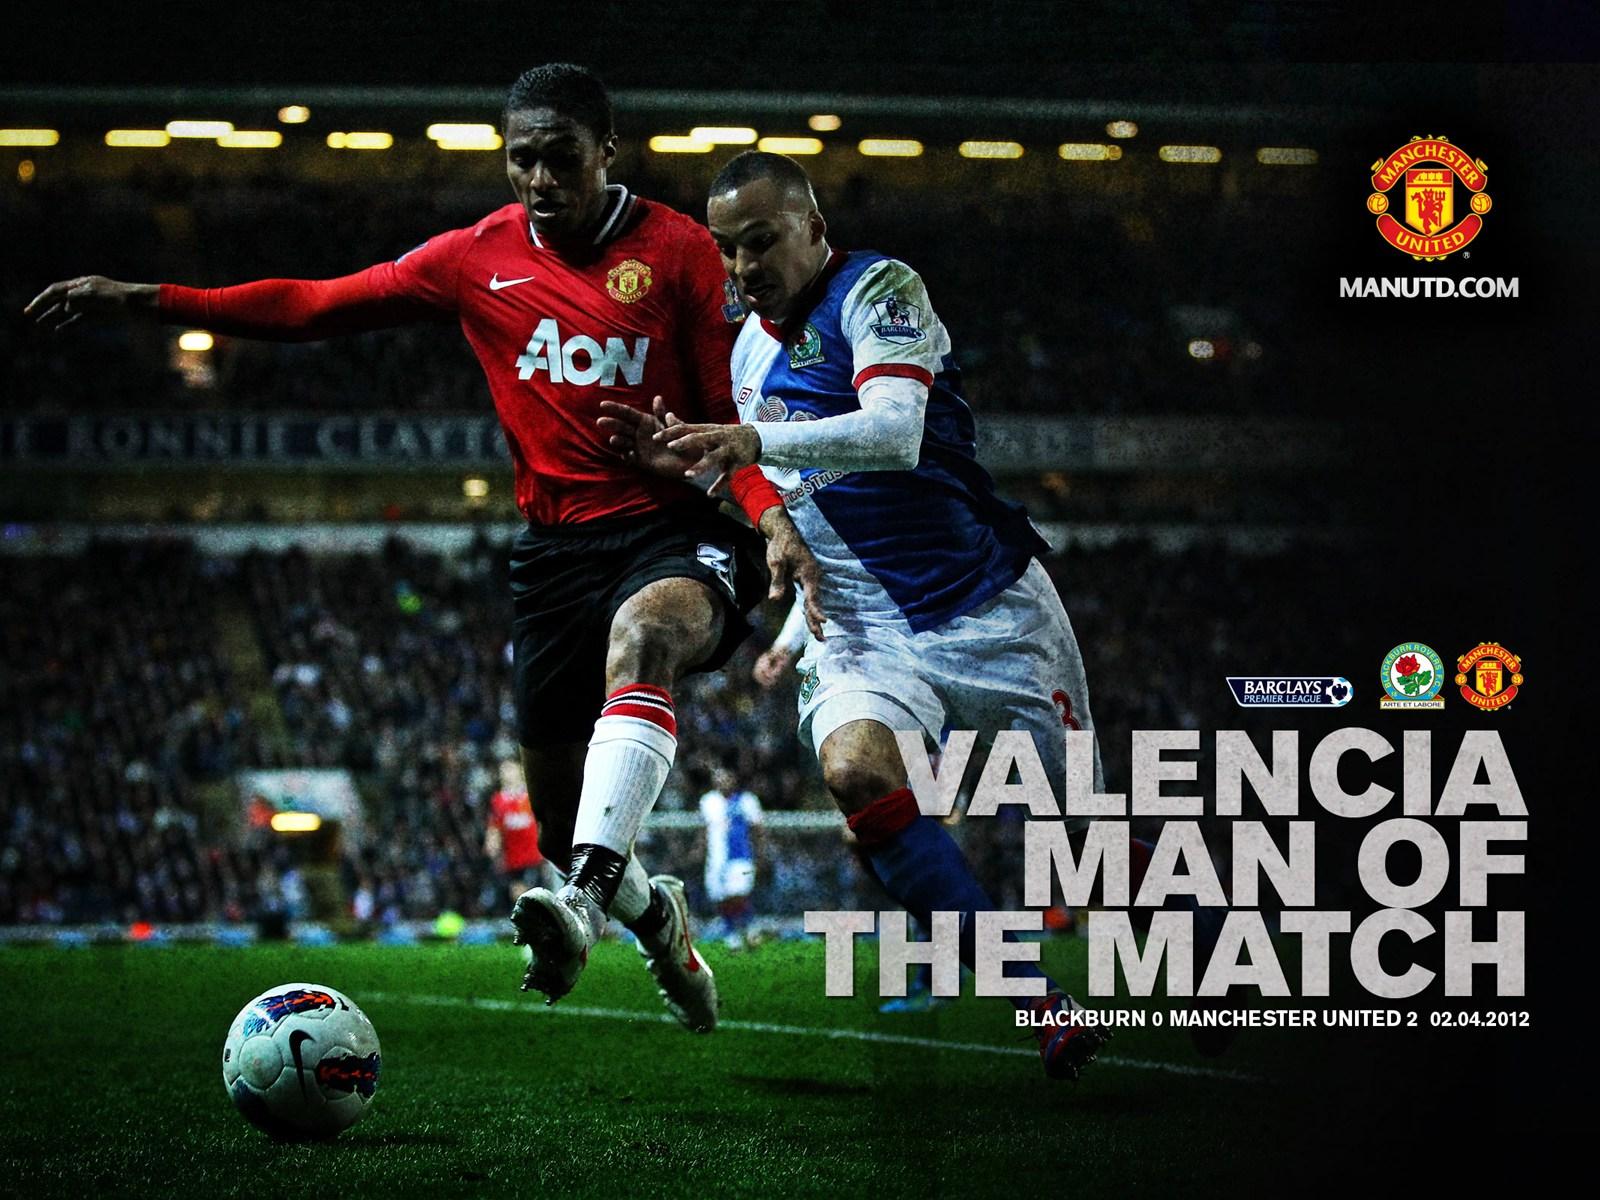 Valencia - MOTM v Blackburn